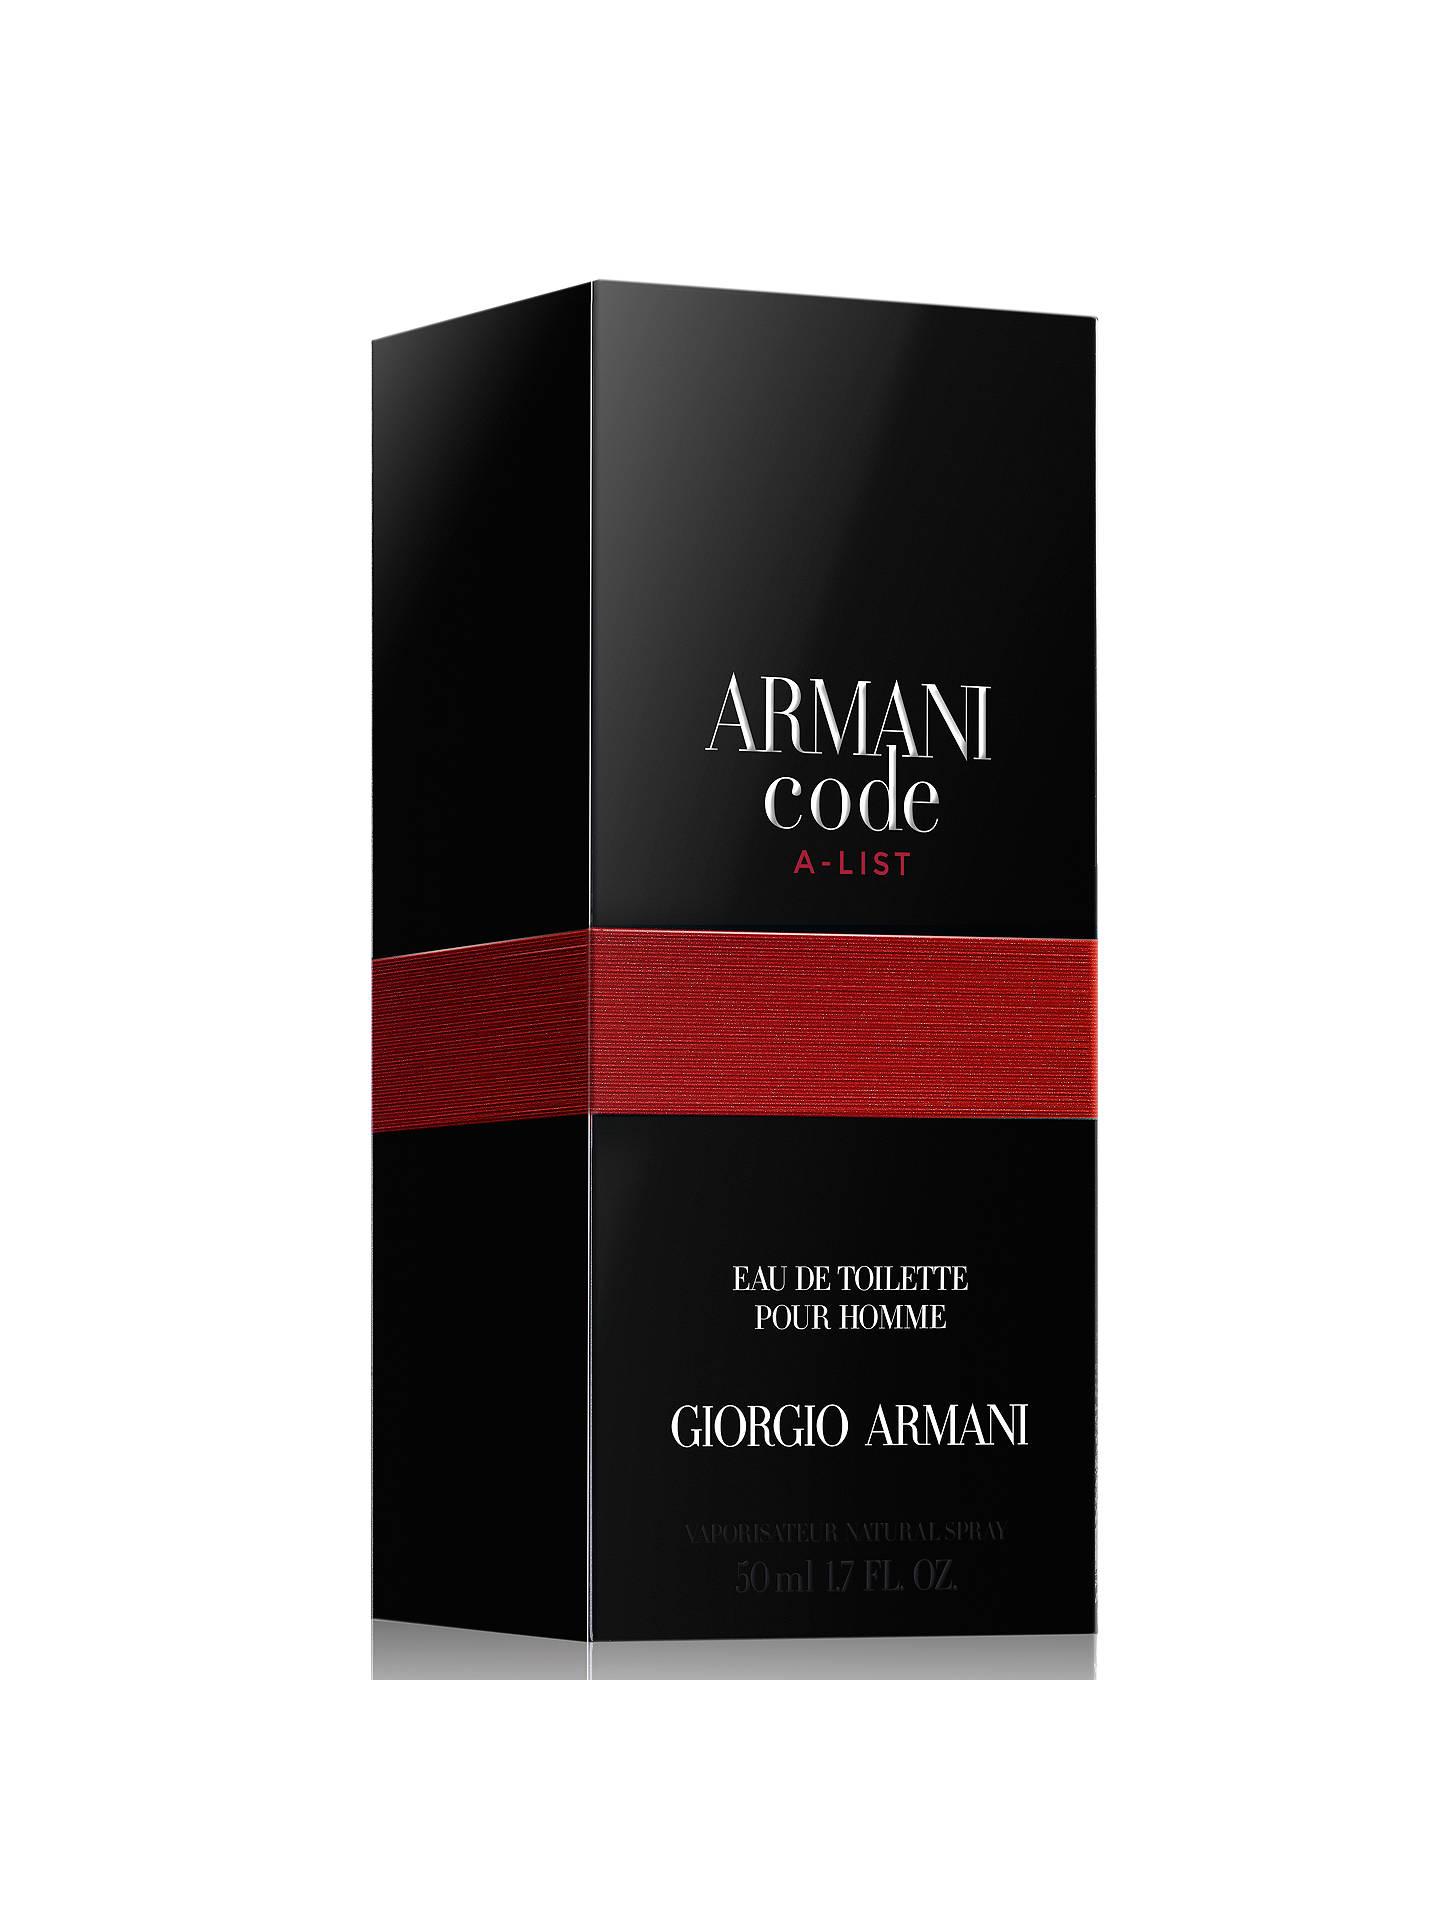 d0407a5c2 ... Buy Giorgio Armani Code A-List For Men Limited Edition Eau de Toilette